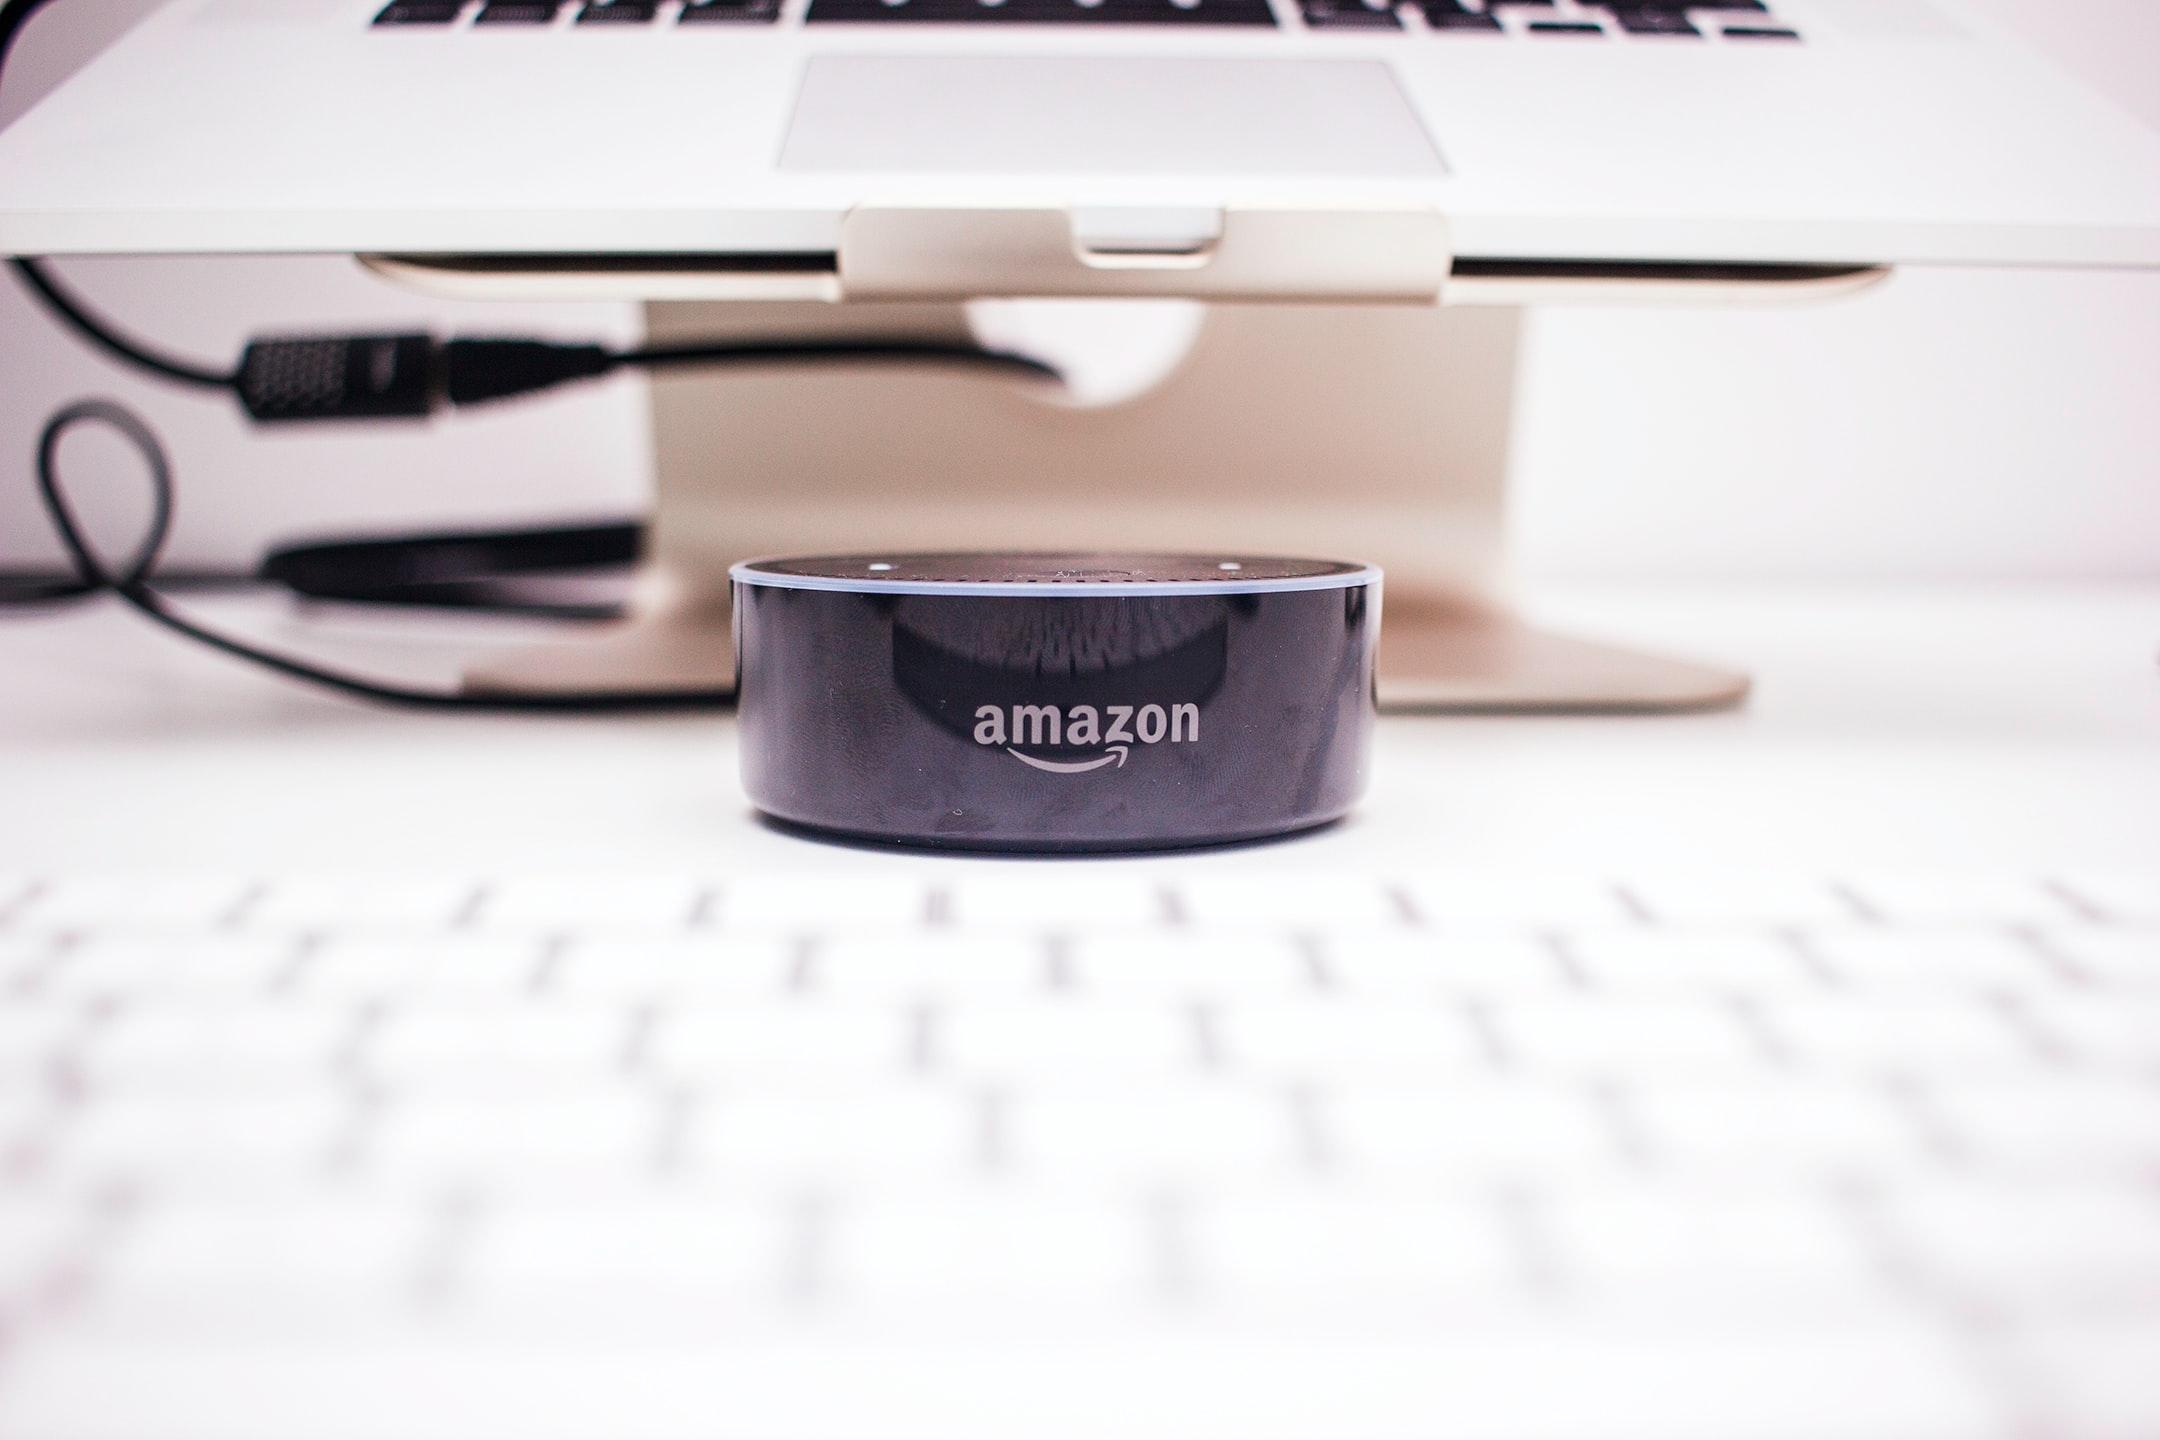 Amazon e-handel, vad kan du lära dig av världens största digitala marknadsplats för retail? Här är fem avgörande framgångsfaktorer för Amazon – och dig.